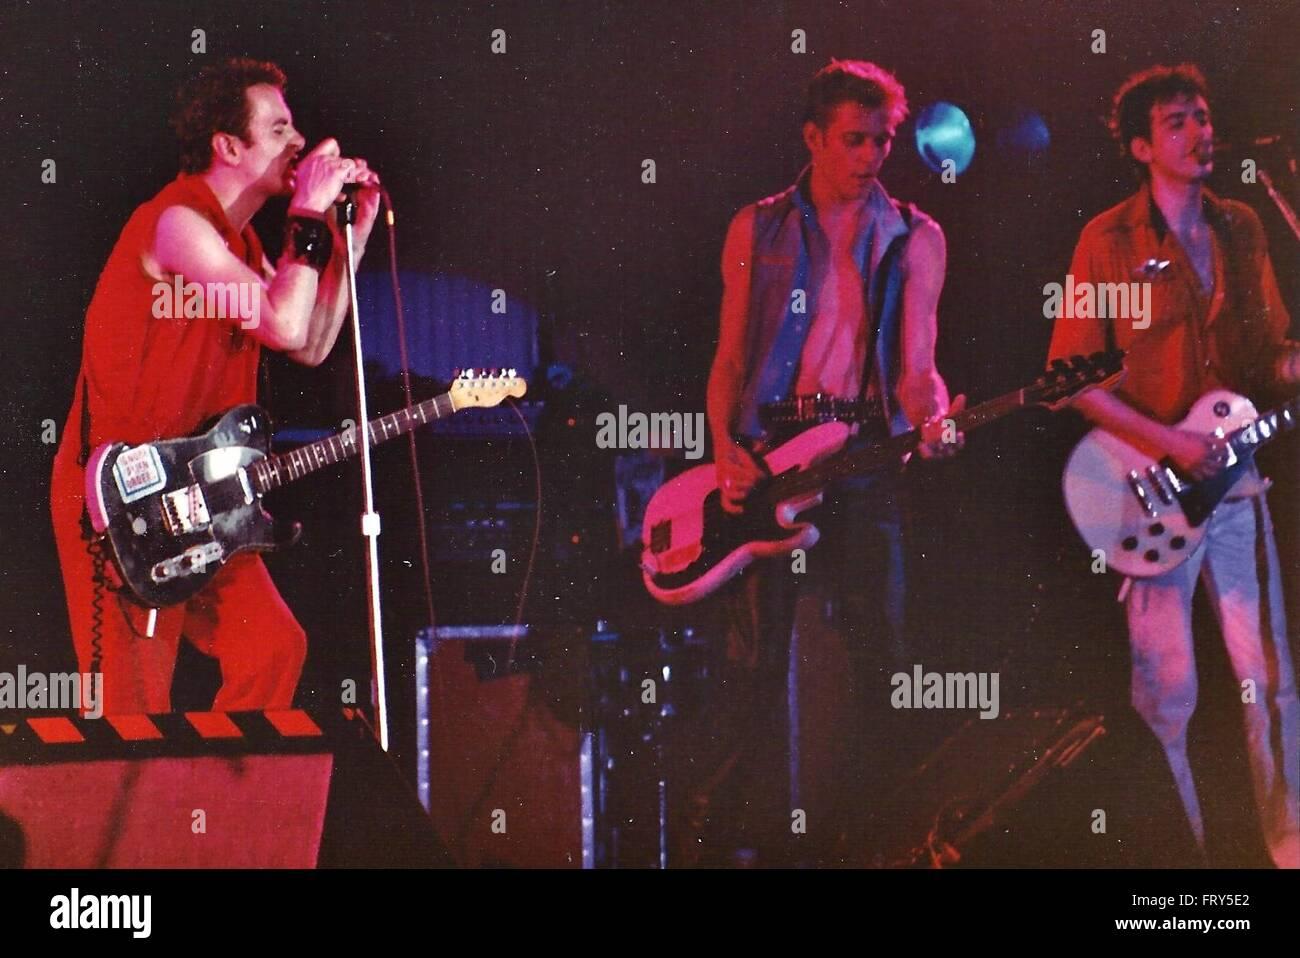 The Clash  5/28/81  Bonds NY photo  Michael Brito - Stock Image